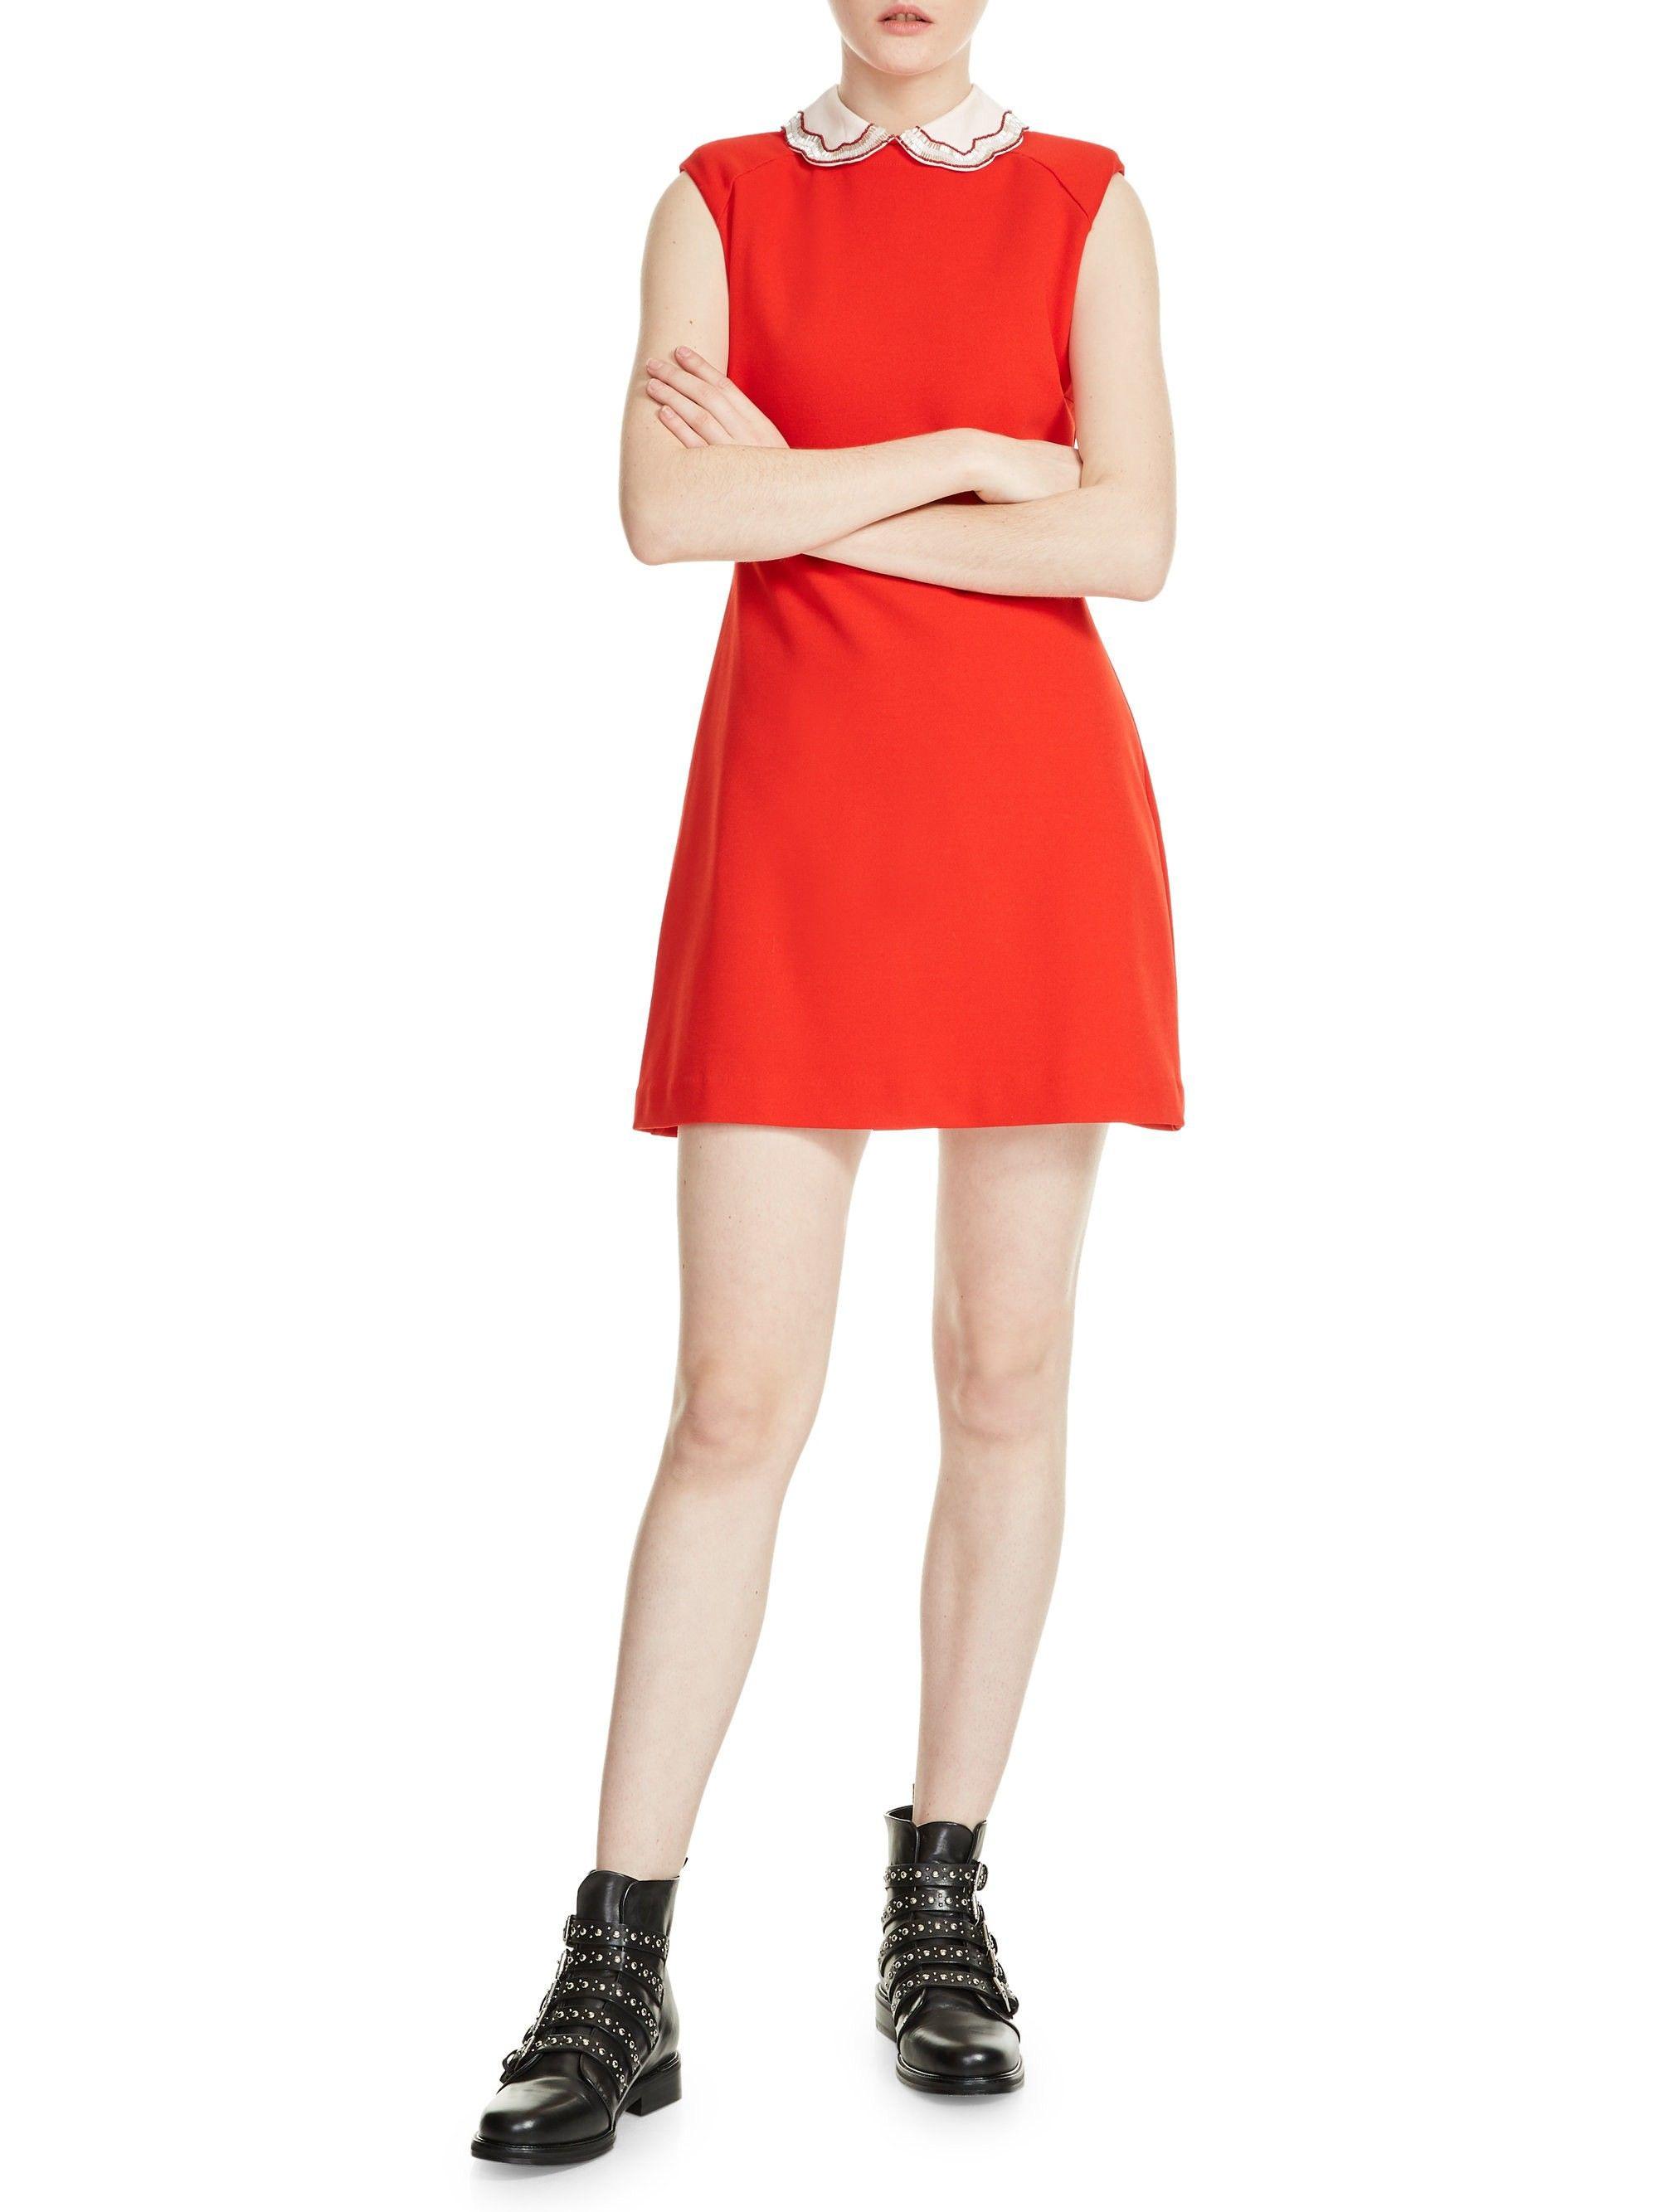 7a5c02f580d Maje Rangat Peter Pan Collar Dress - Bright Red 2 (Medium)